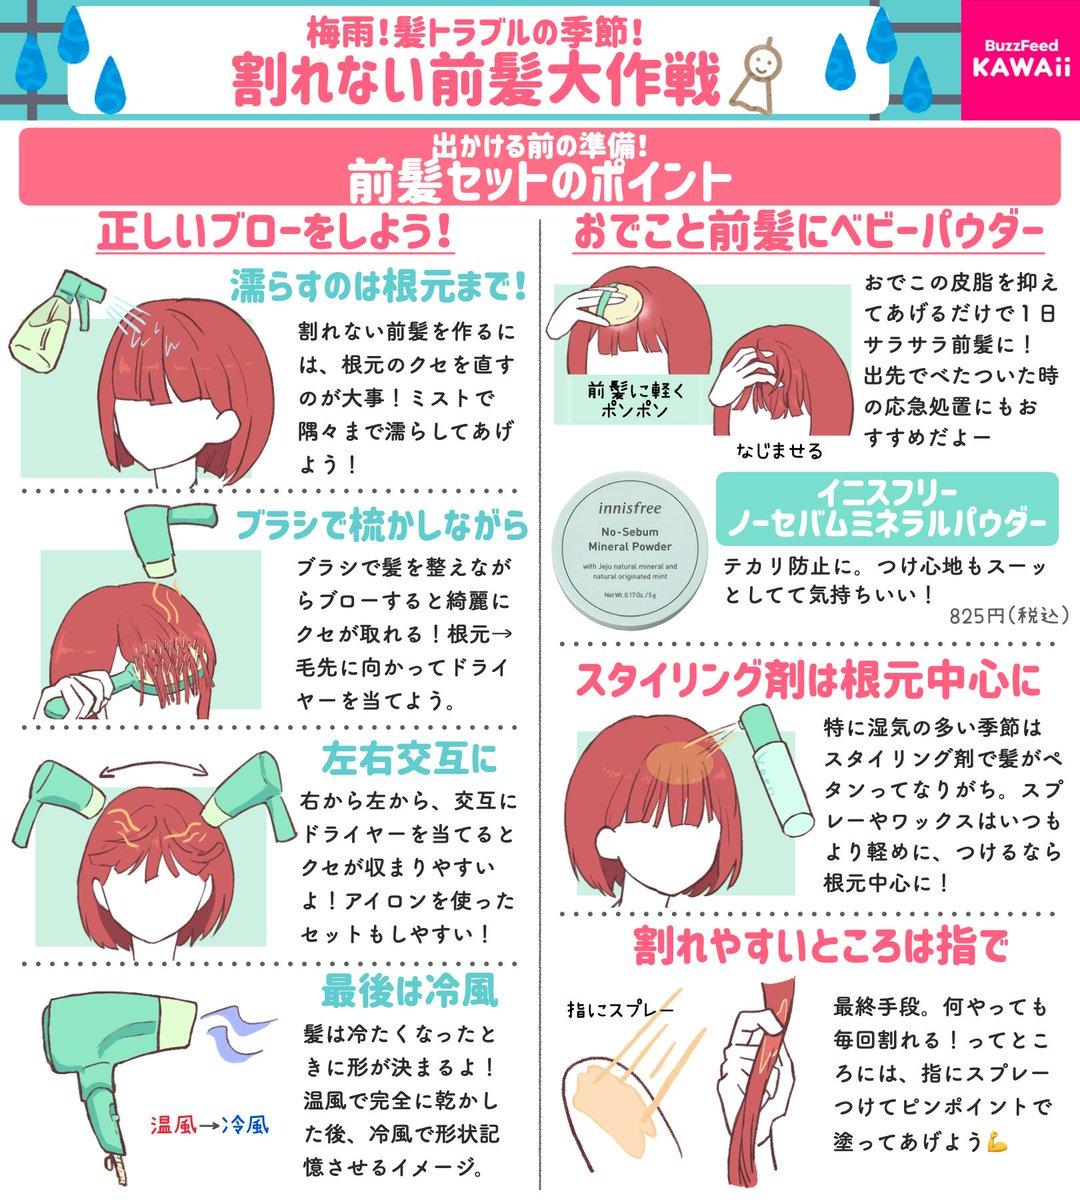 女性必見!今の時期にありがちな前髪トラブルの対策まとめ!